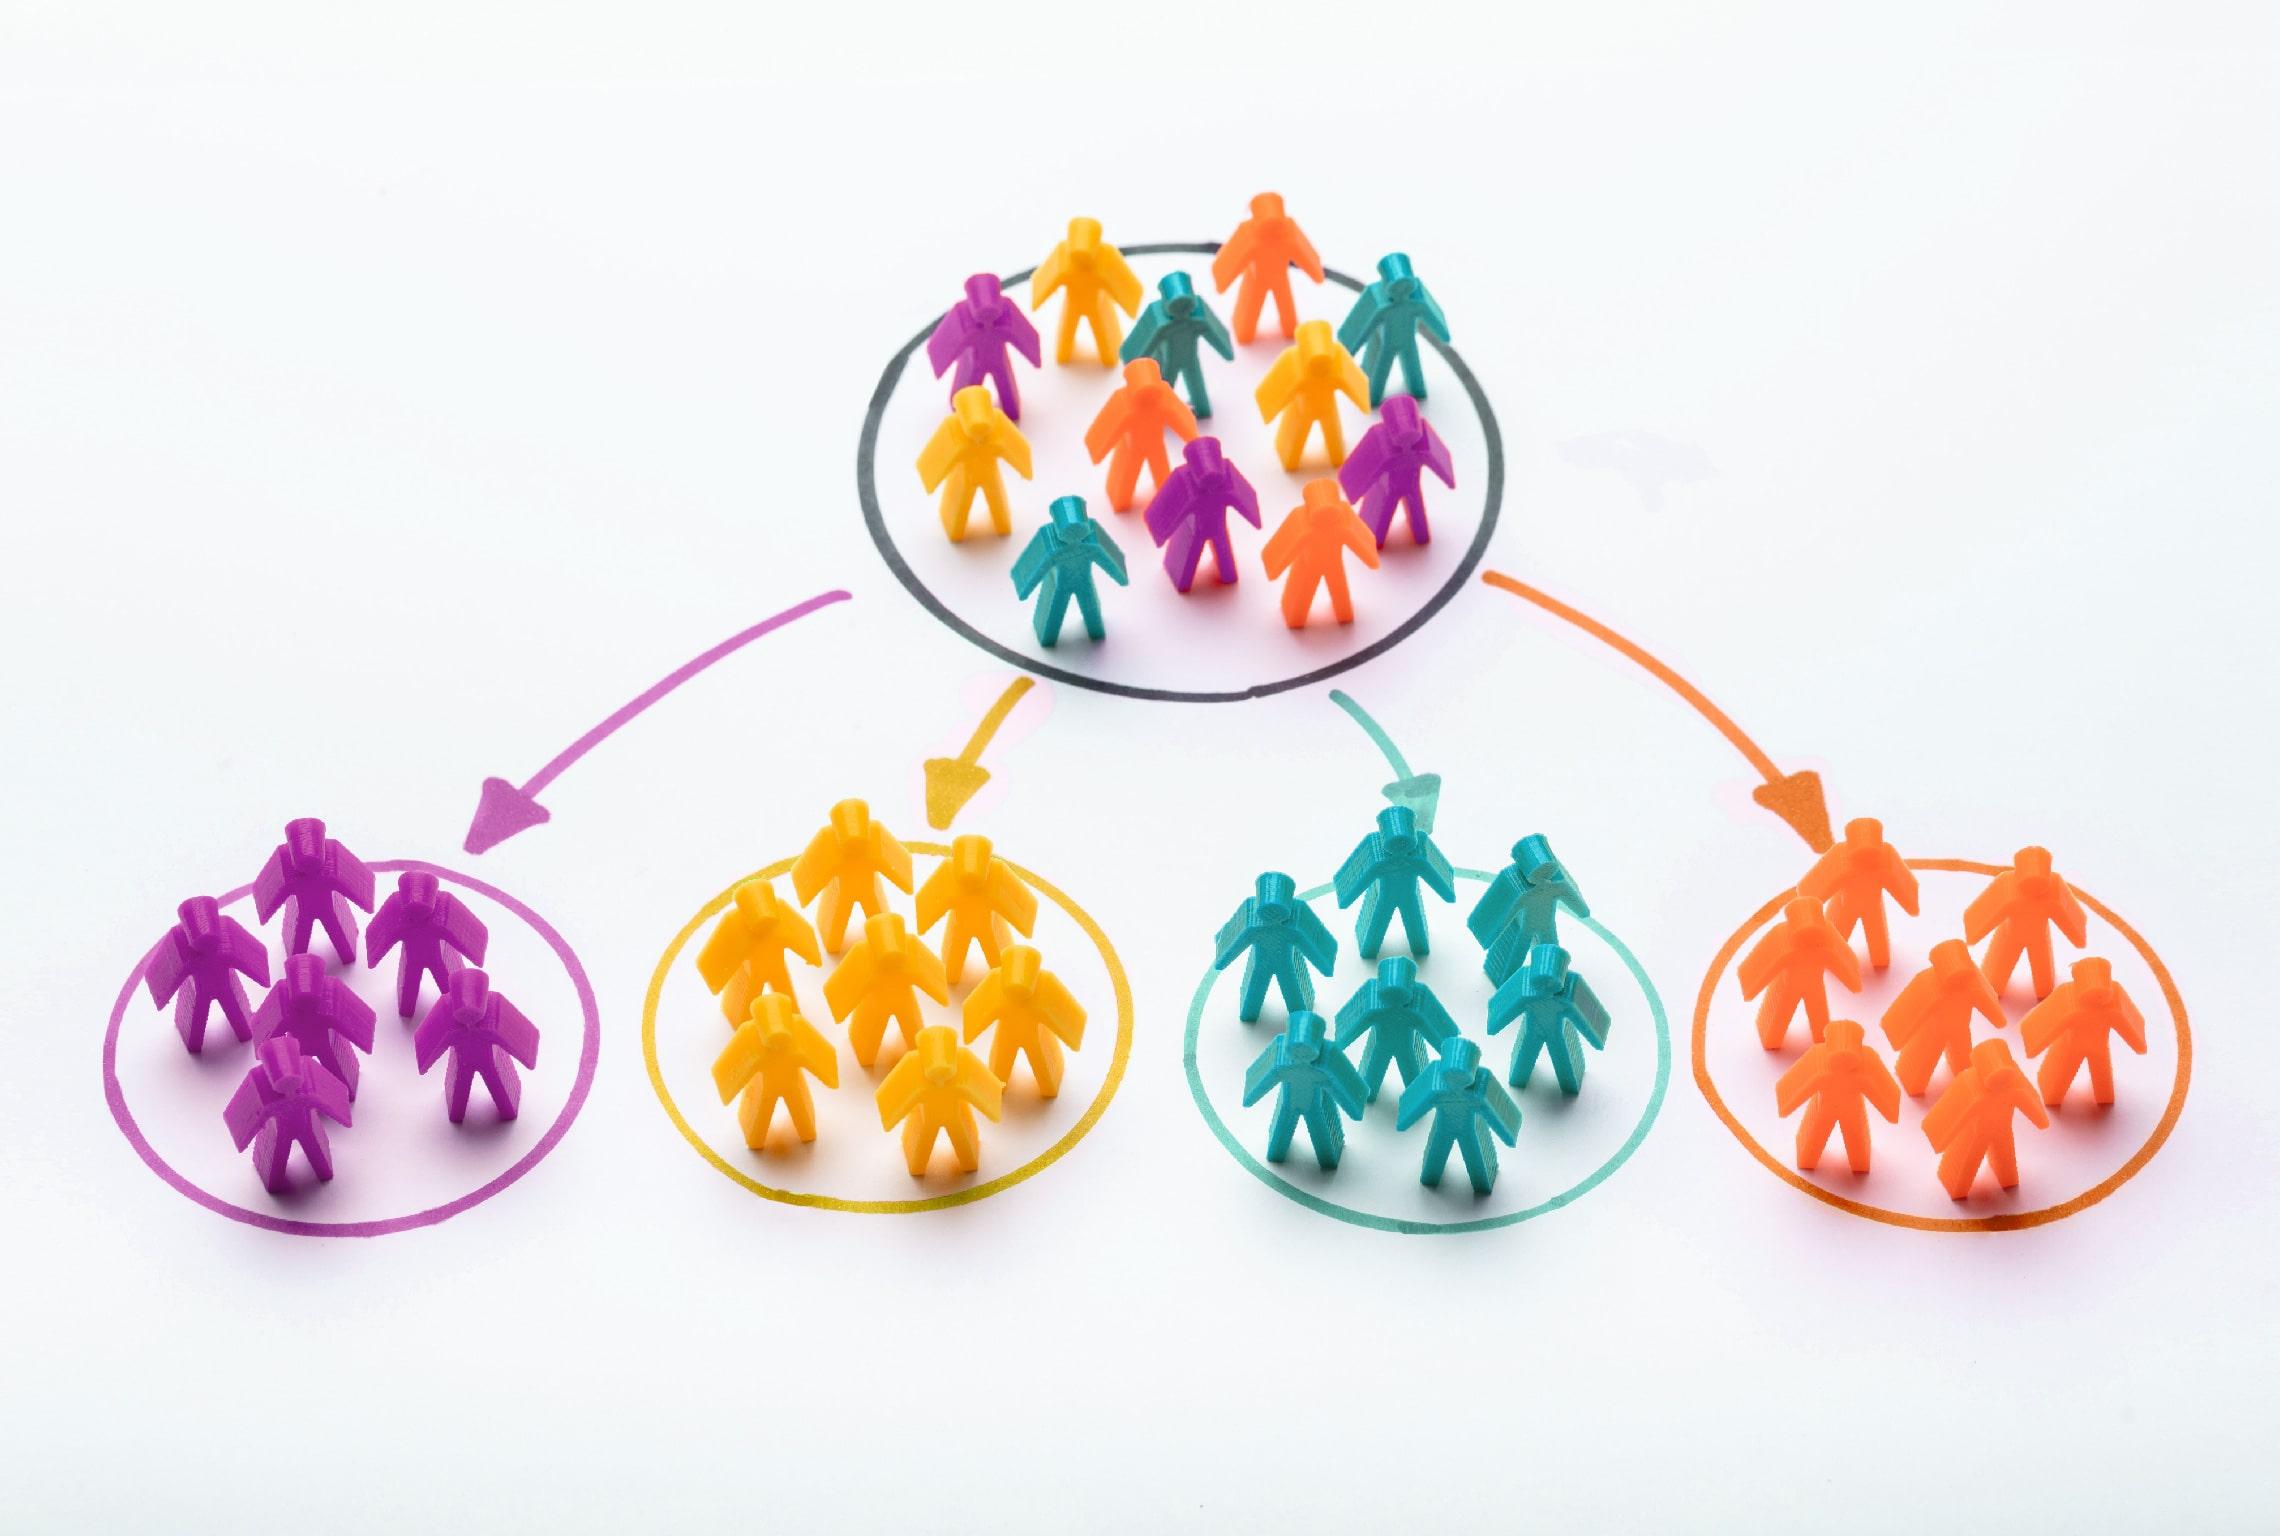 market segmentation market segments